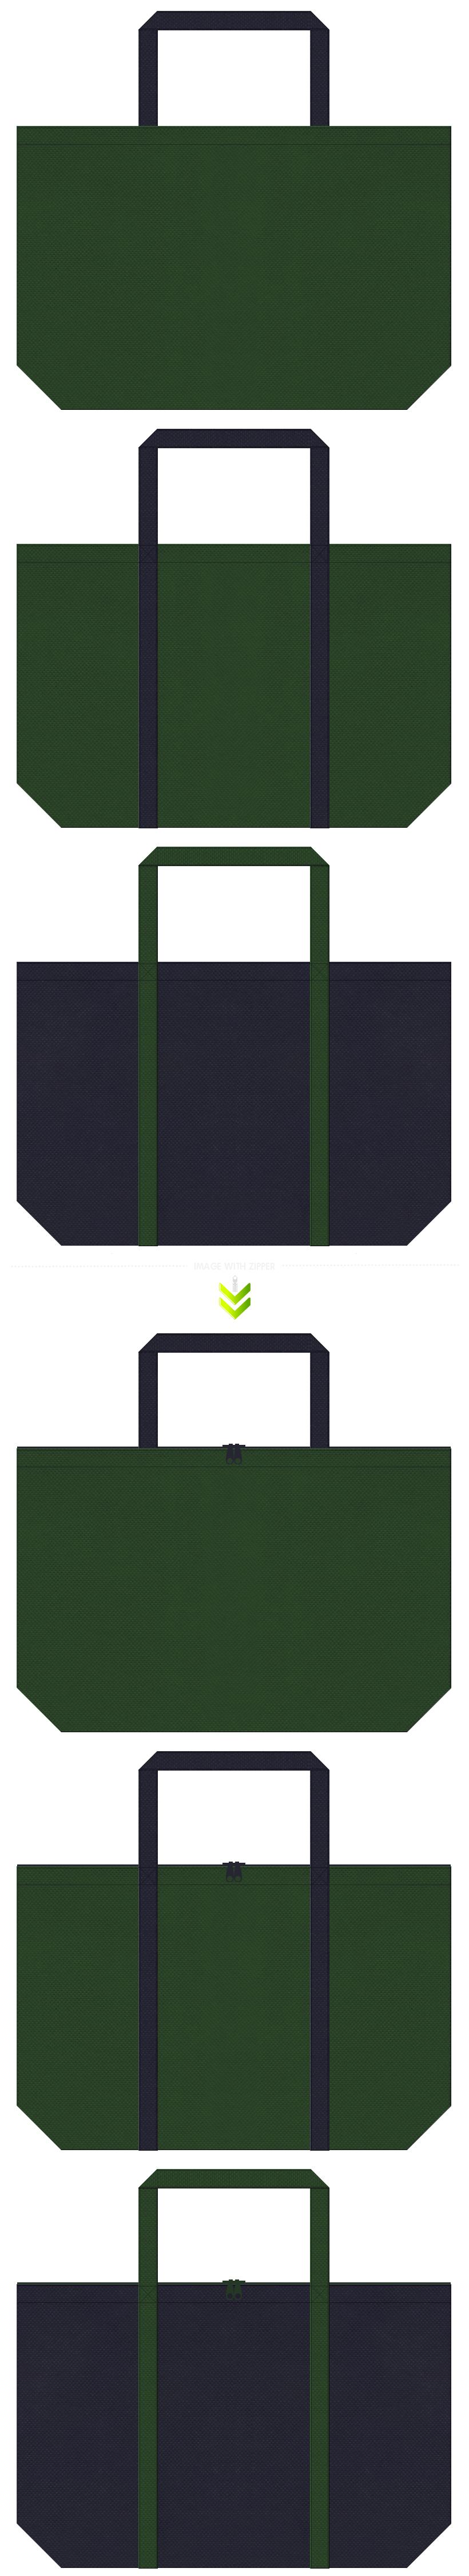 トラベルバッグ・メンズ用のエコバッグにお奨め:濃緑色・深緑色と濃紺色のコーデ